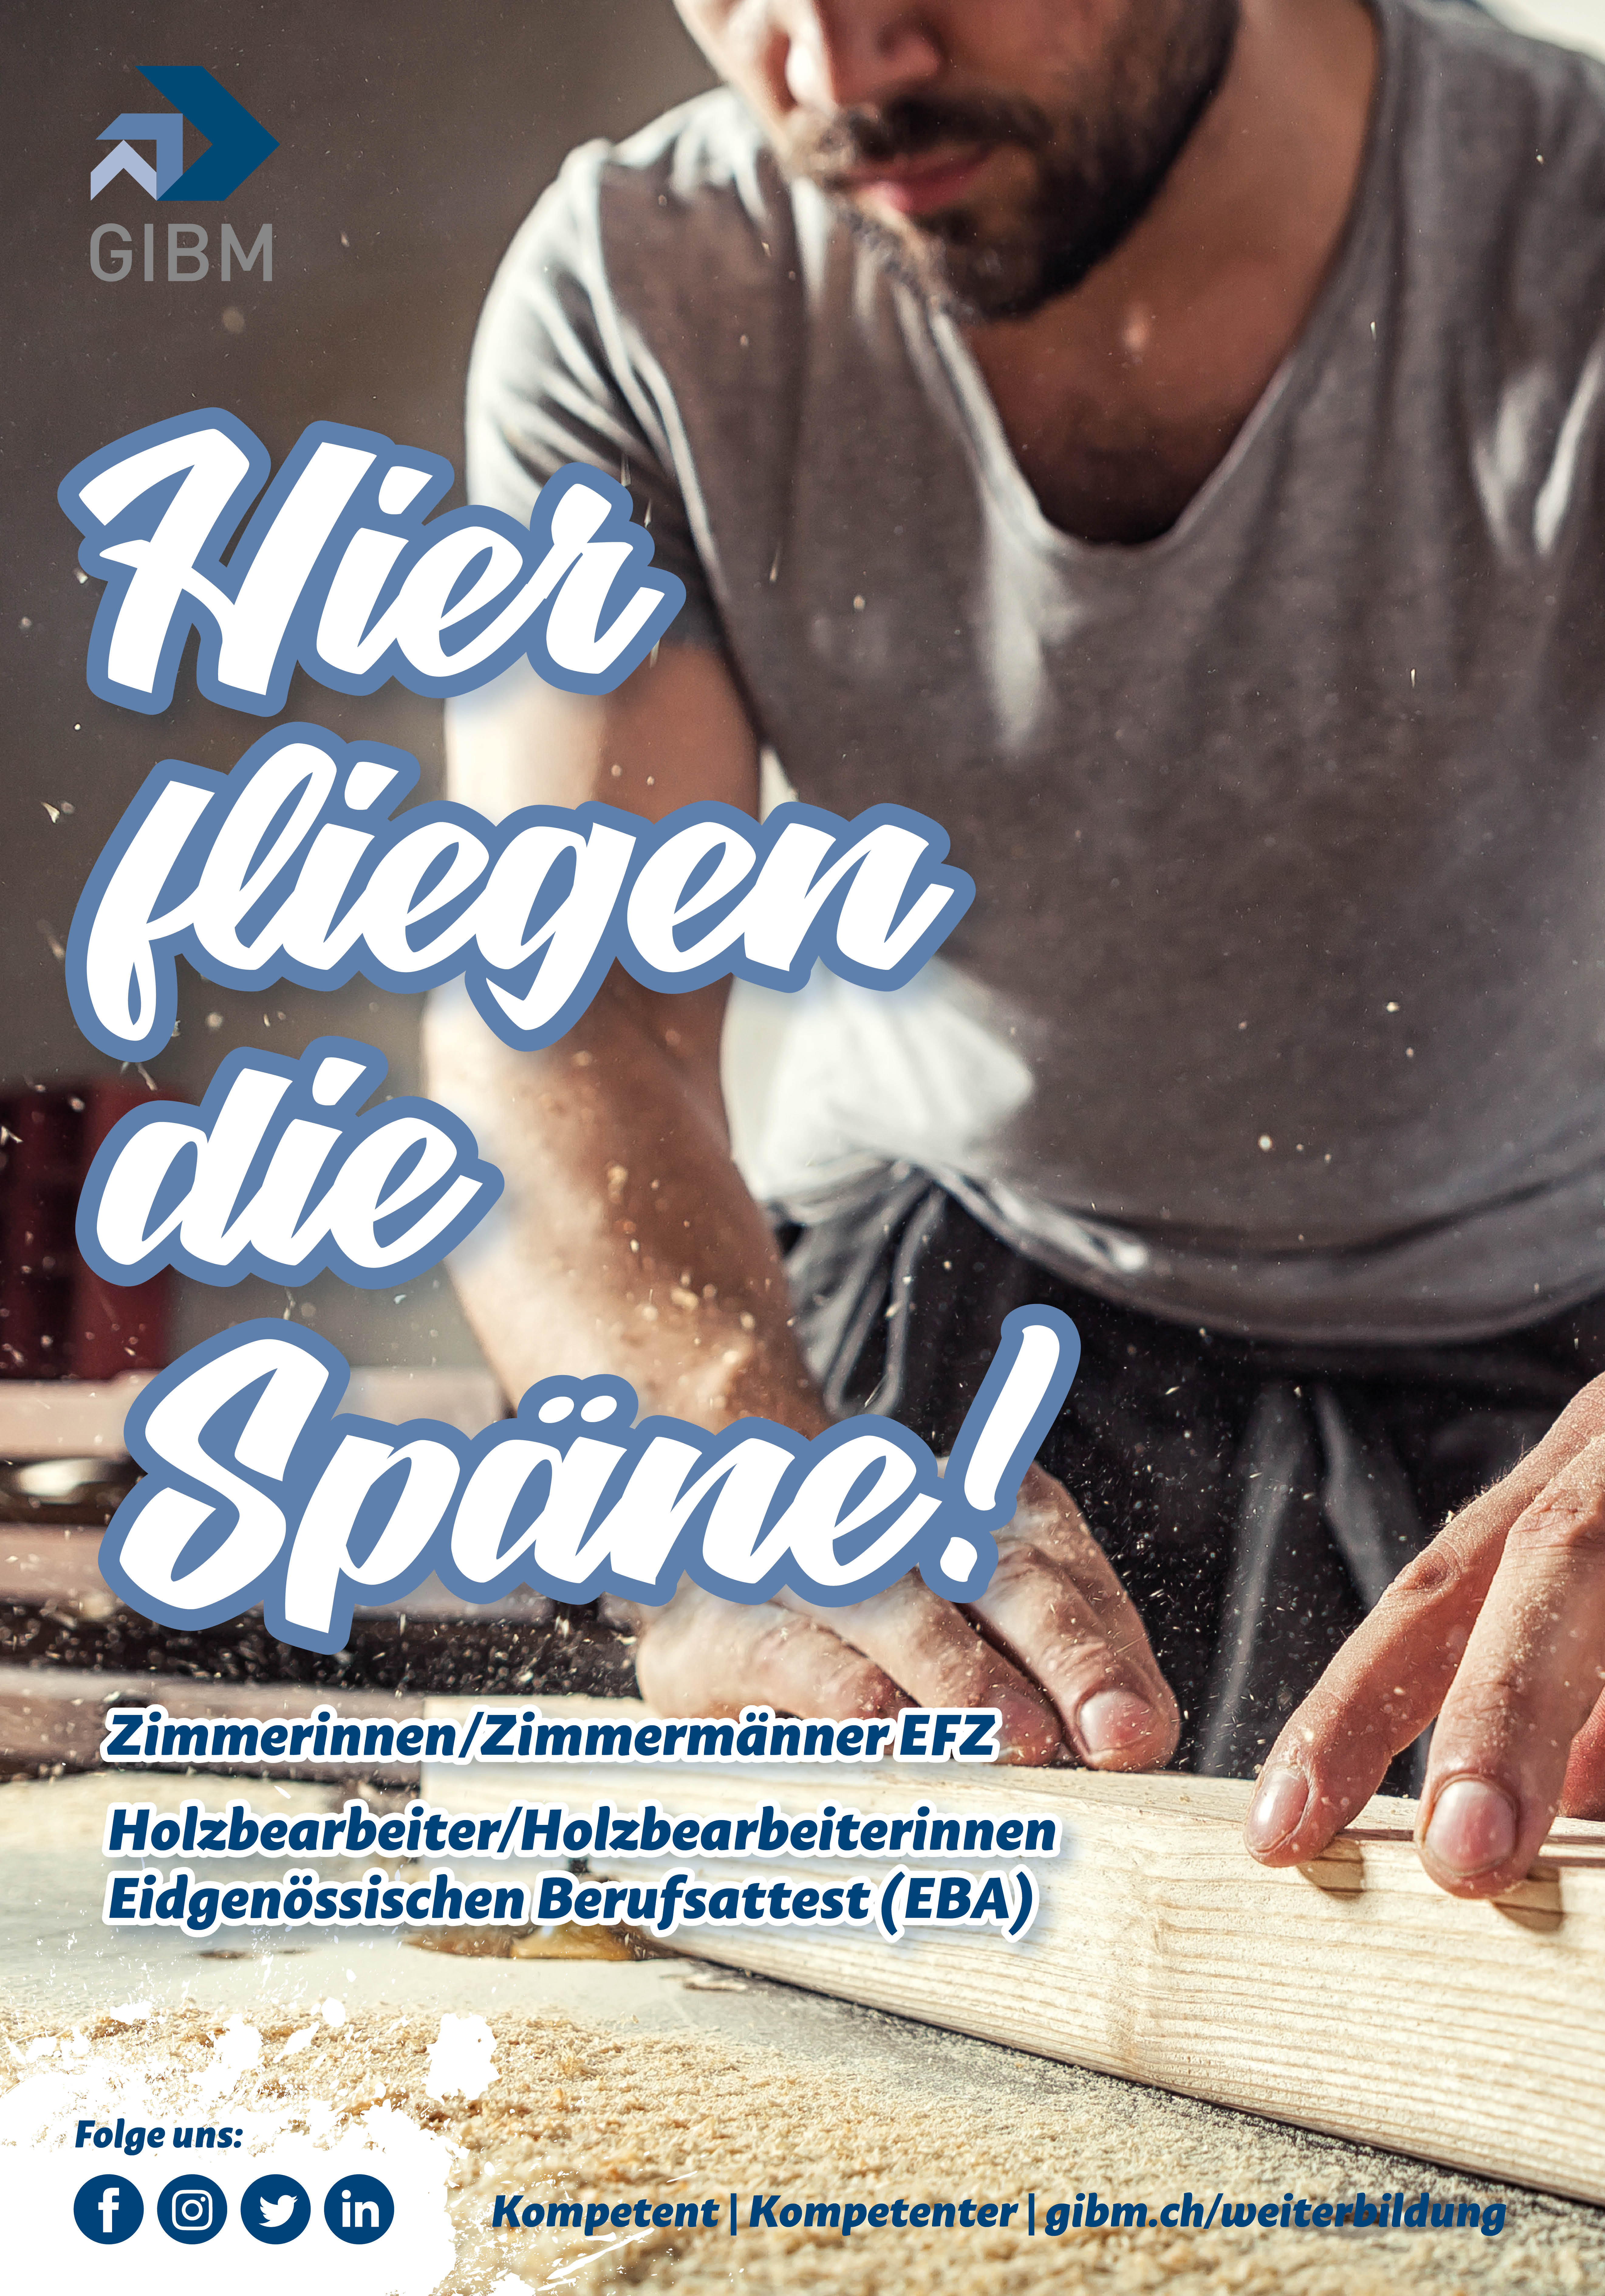 1_GIBM_Plakate_Berufsfelder_F4_1118_1